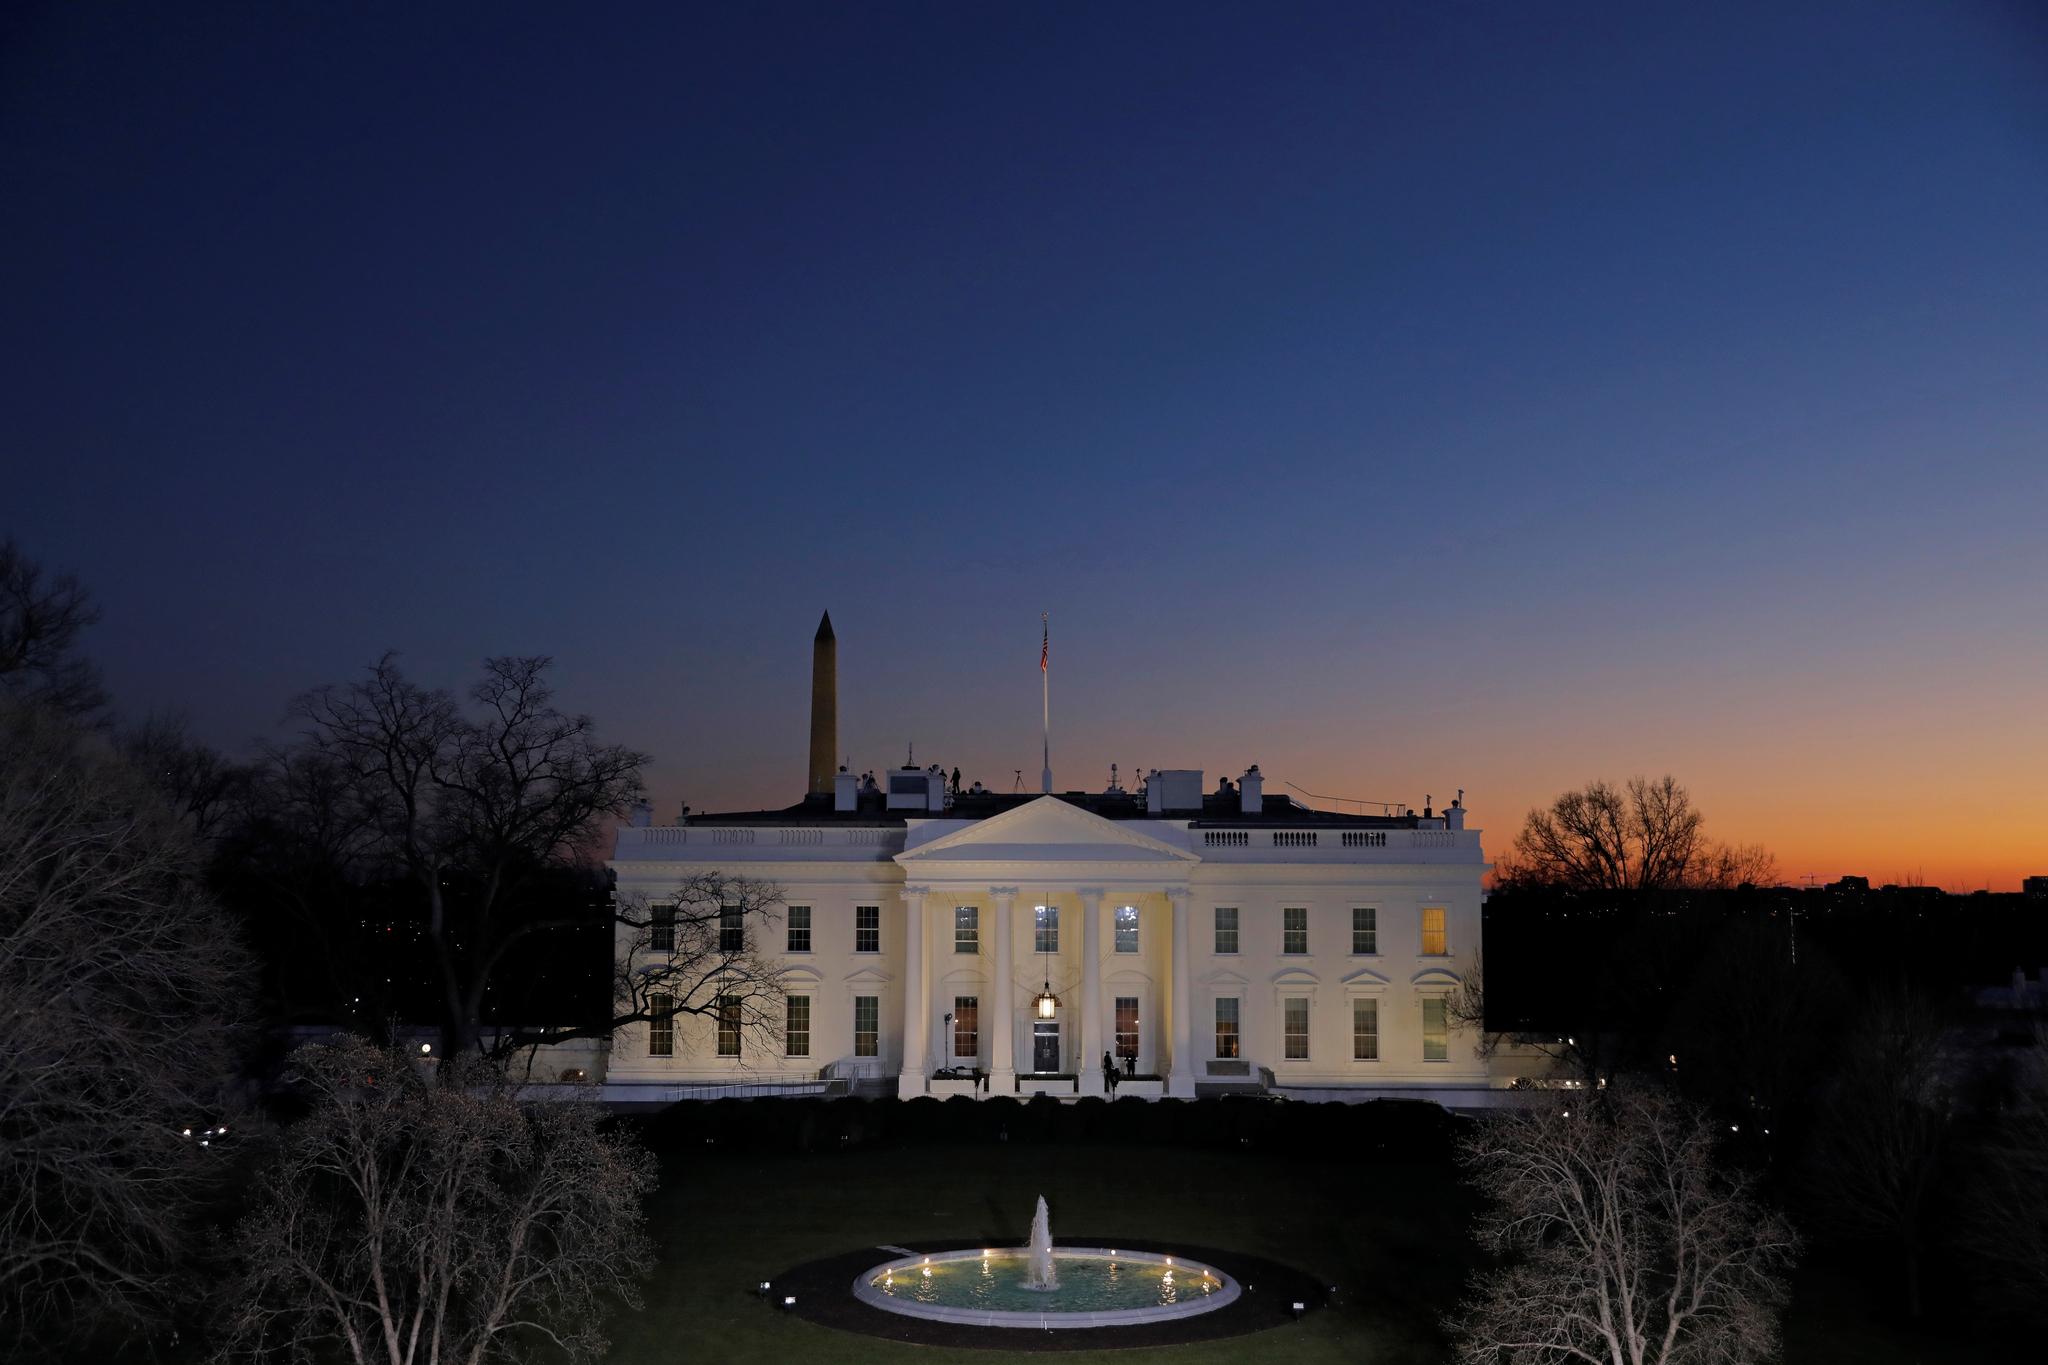 트럼프 美 대통령 임기 마지막 날, 백악관엔 으스스한 정적만 흘렀다